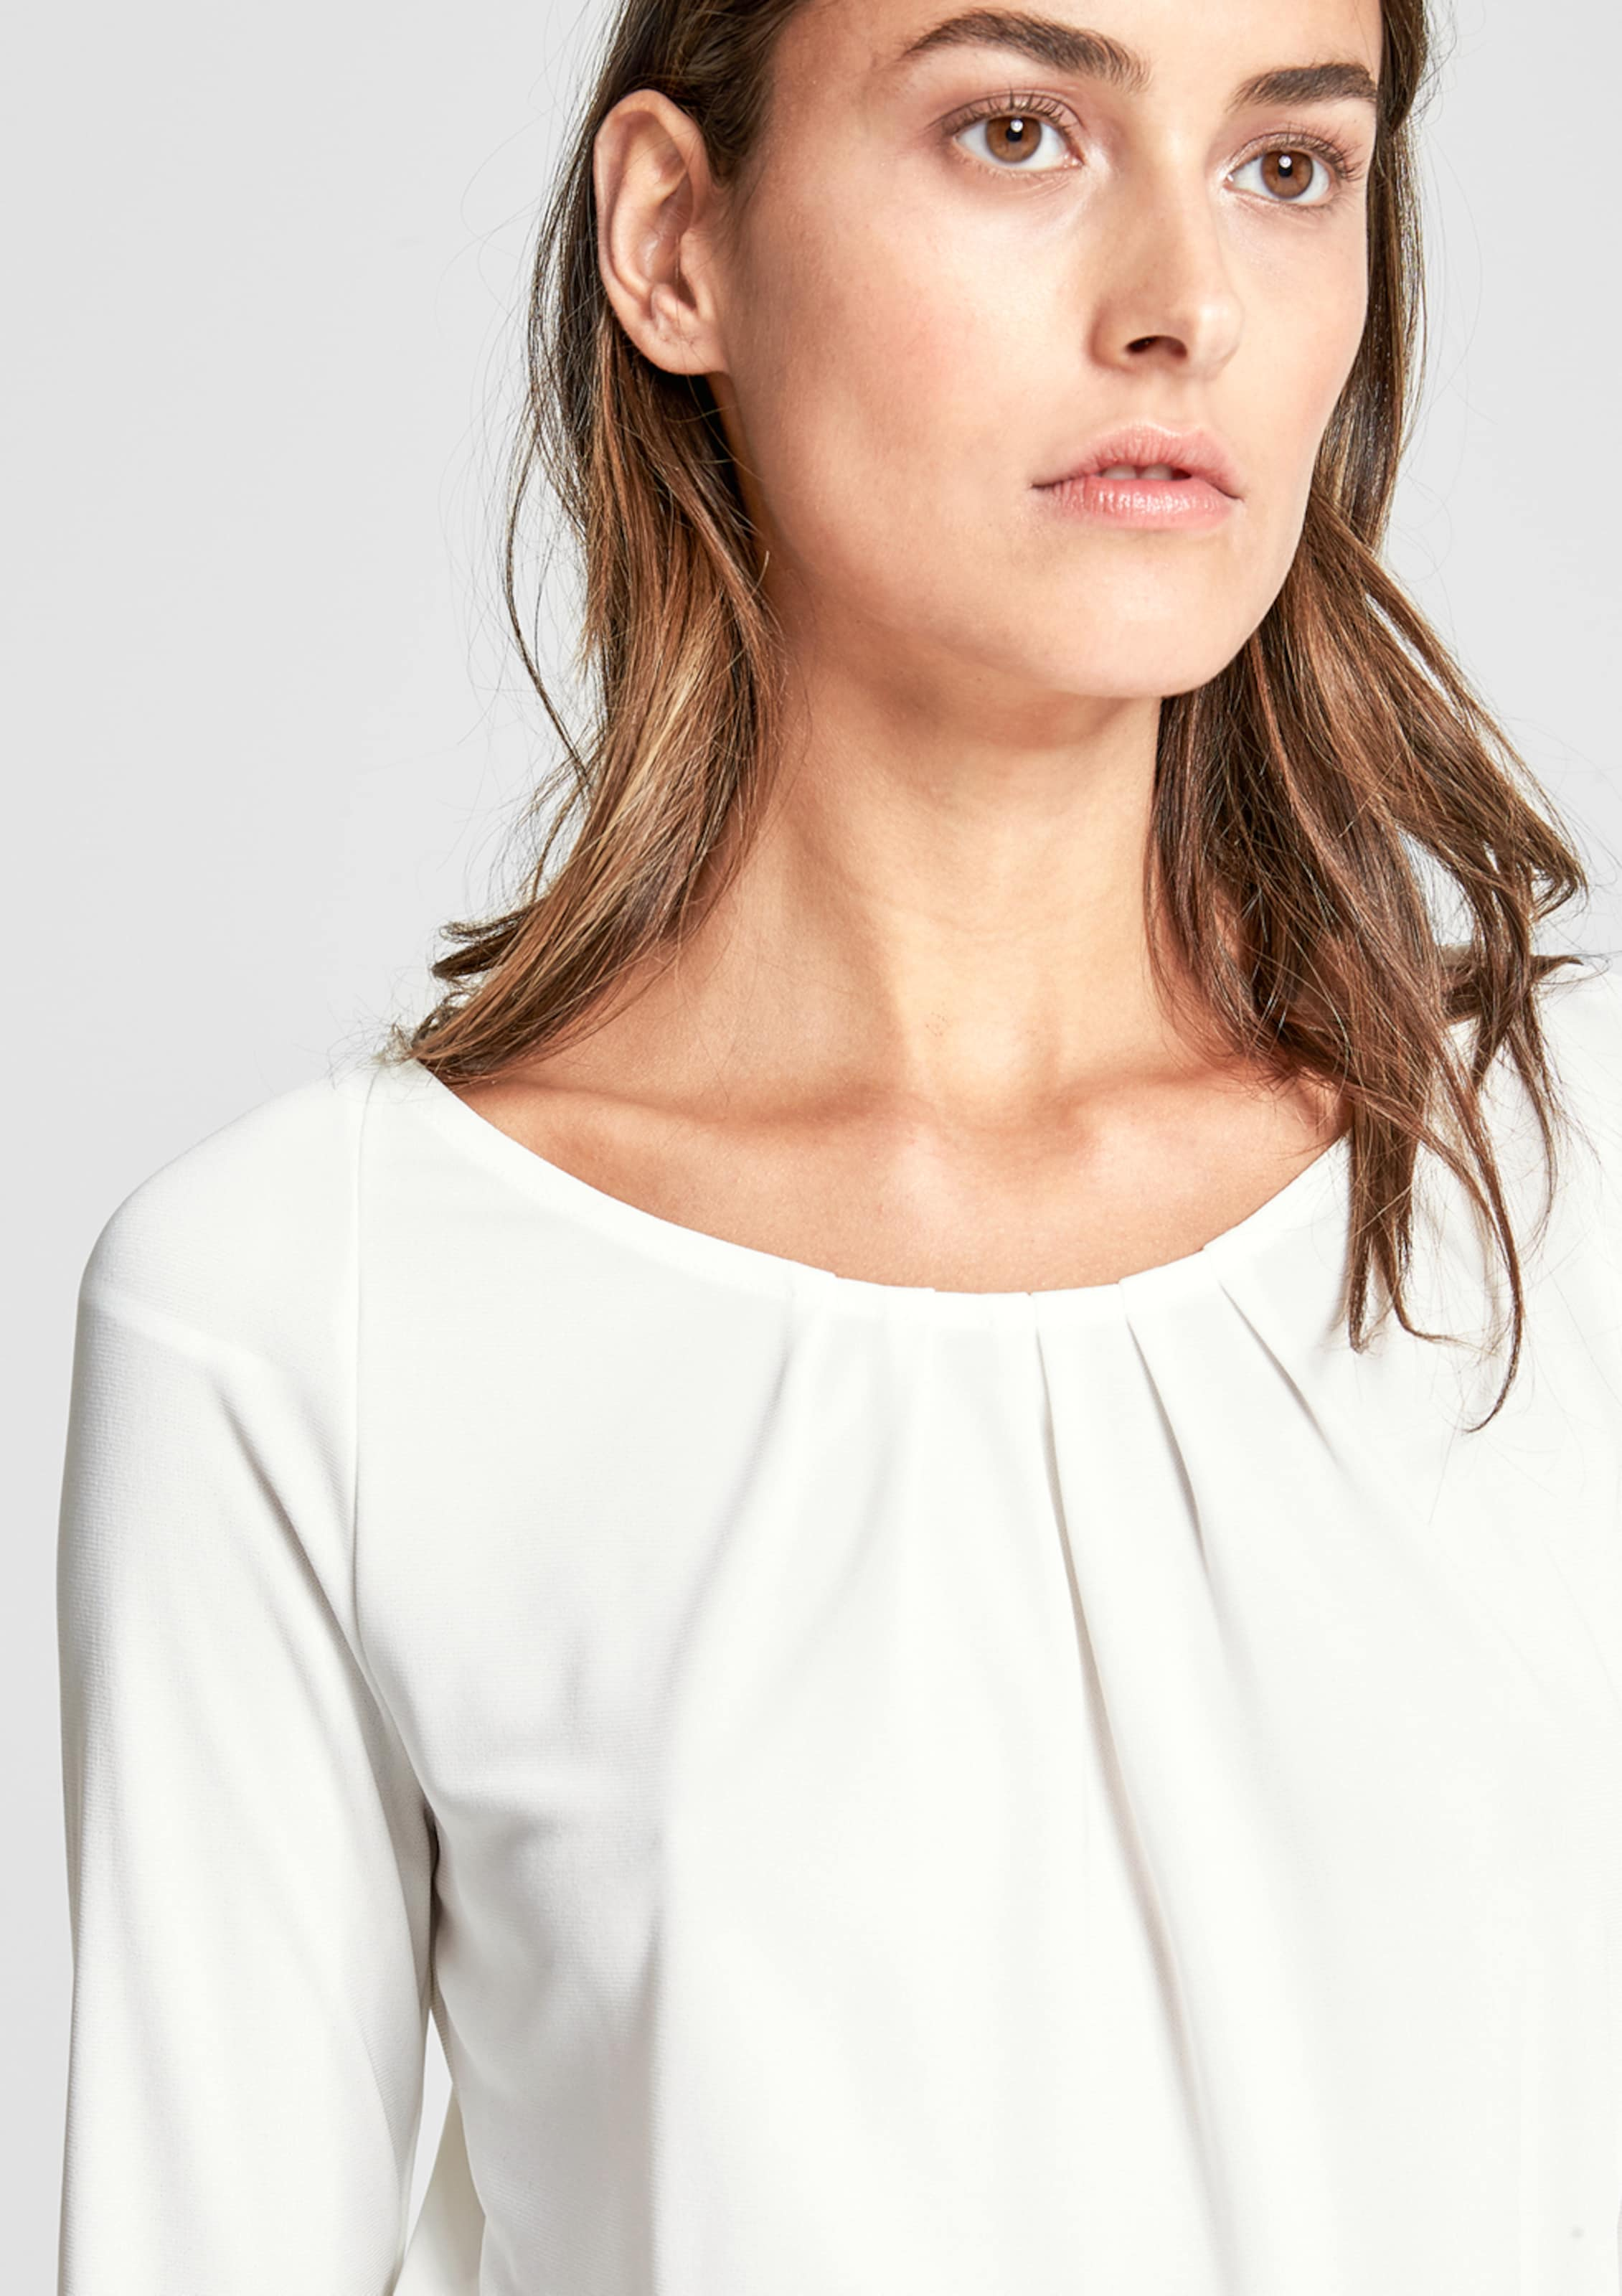 Billig Verkauf Hochwertiger 2018 Günstiger Preis s.Oliver BLACK LABEL Shirt mit Falten-Detail Spielraum Authentisch Qualität Für Freies Verschiffen Verkauf Q0zR4k